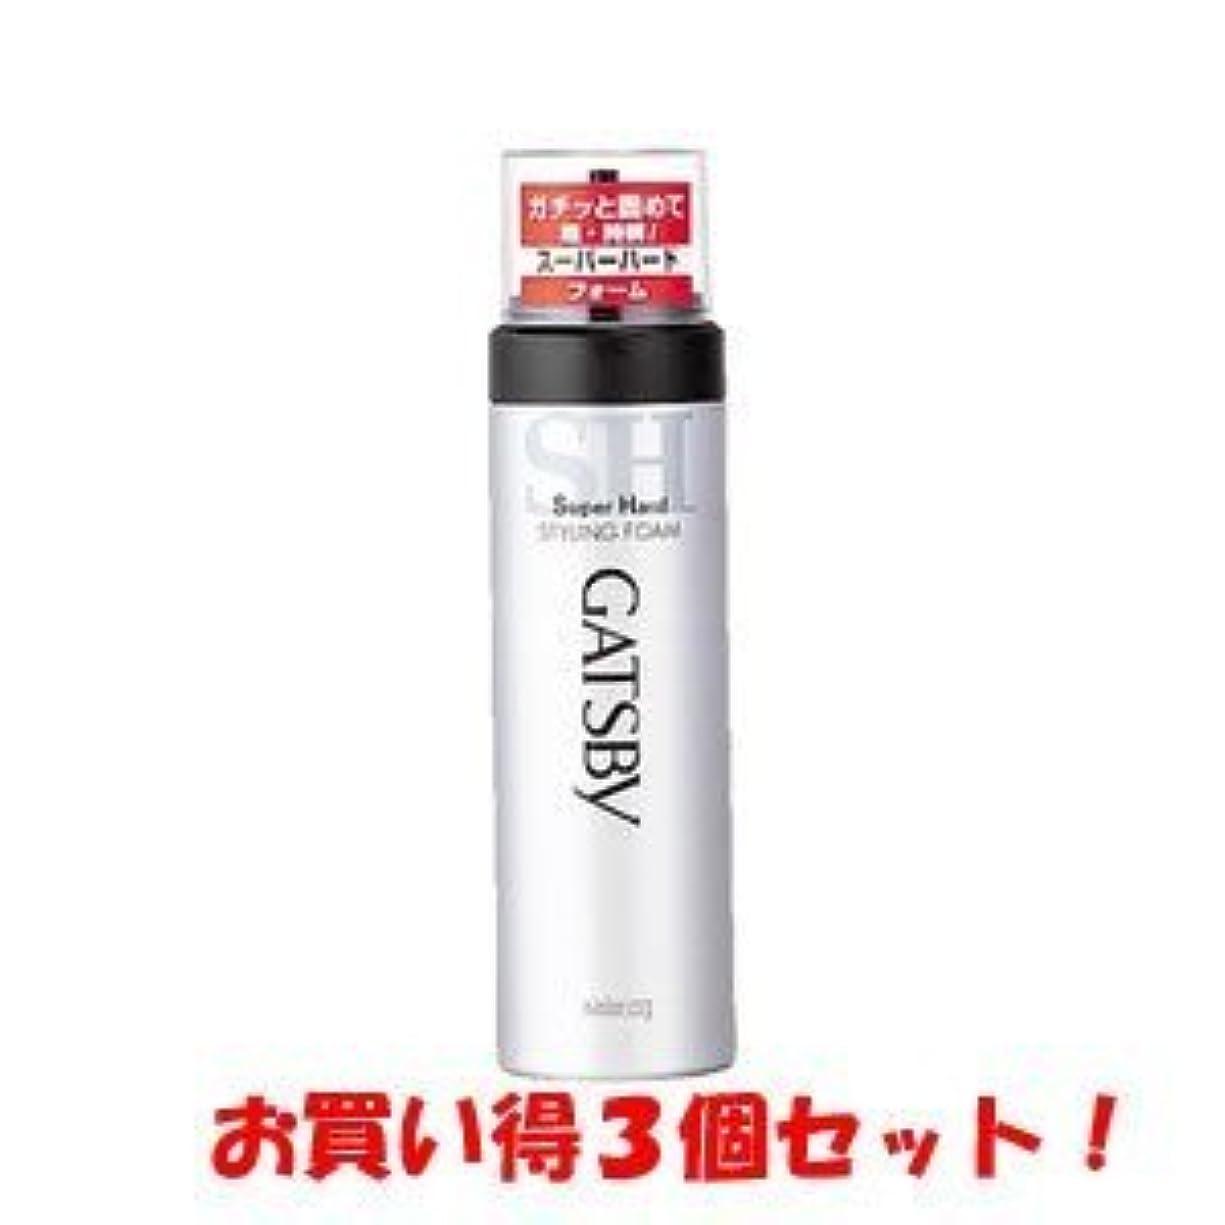 まぶしささらに取り消すギャツビー【GATSBY】スタイリングフォーム スーパーハード 185g(お買い得3個セット)